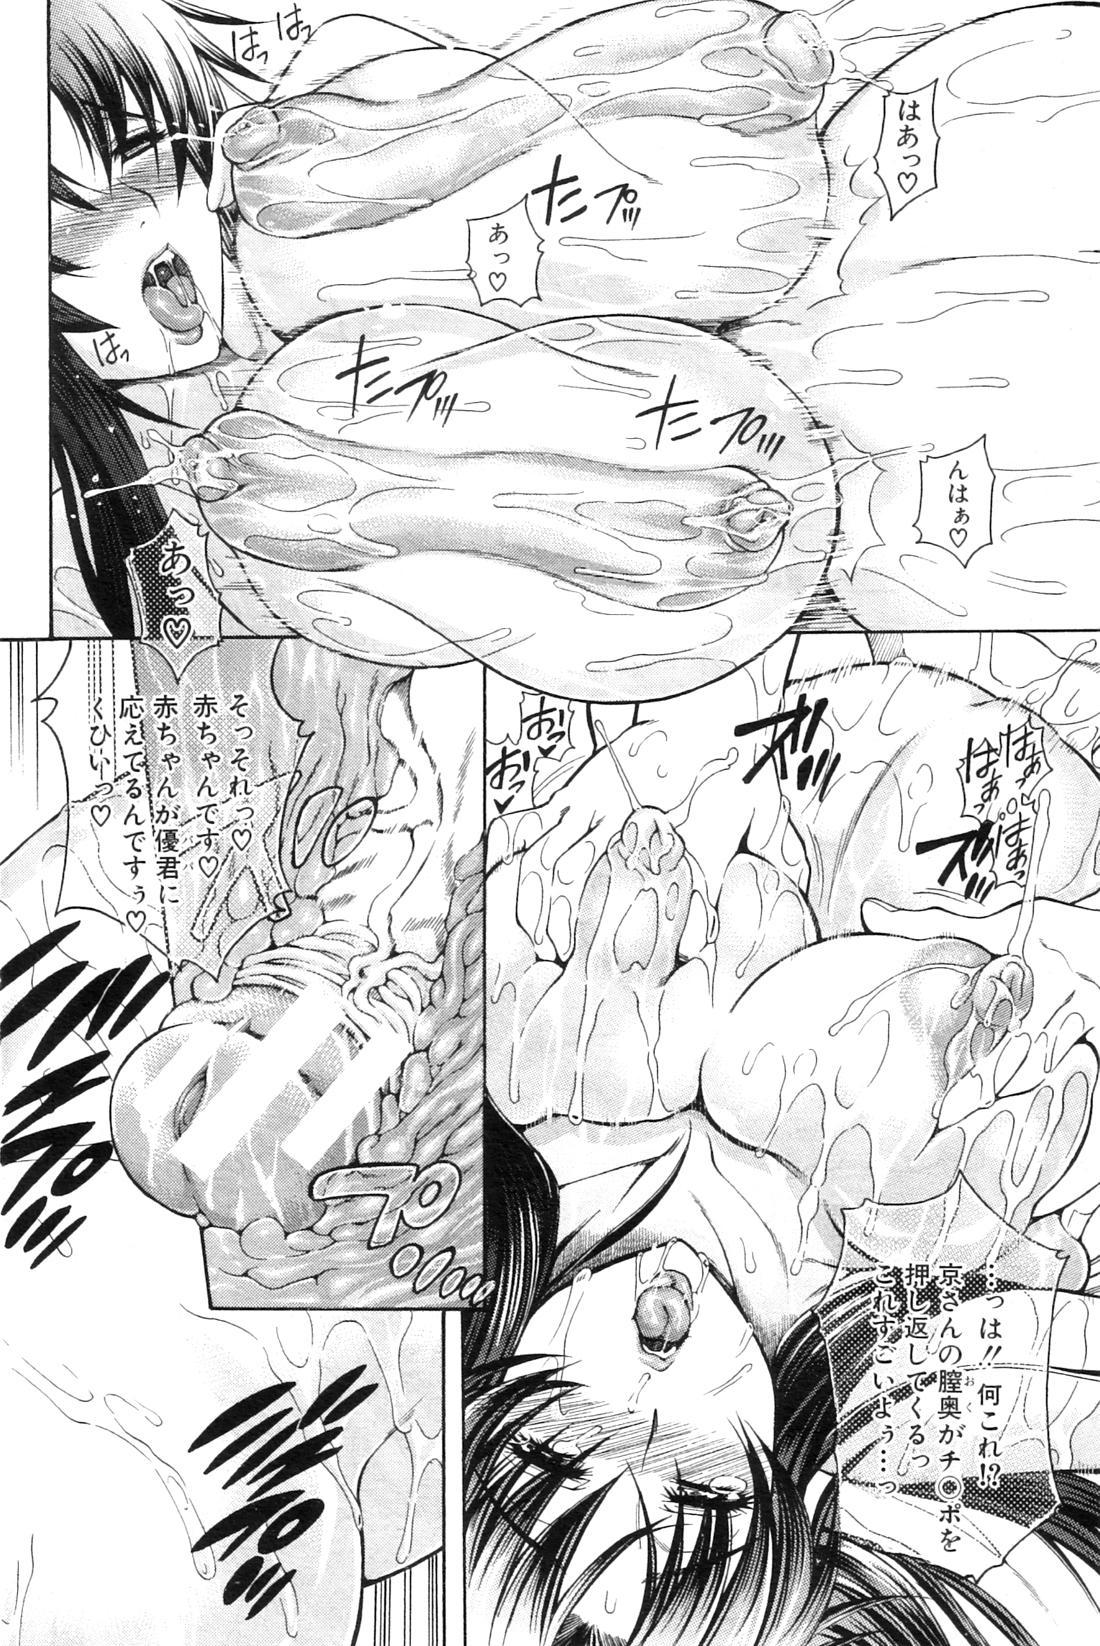 Himitsu no Sign - Secret Signature 164